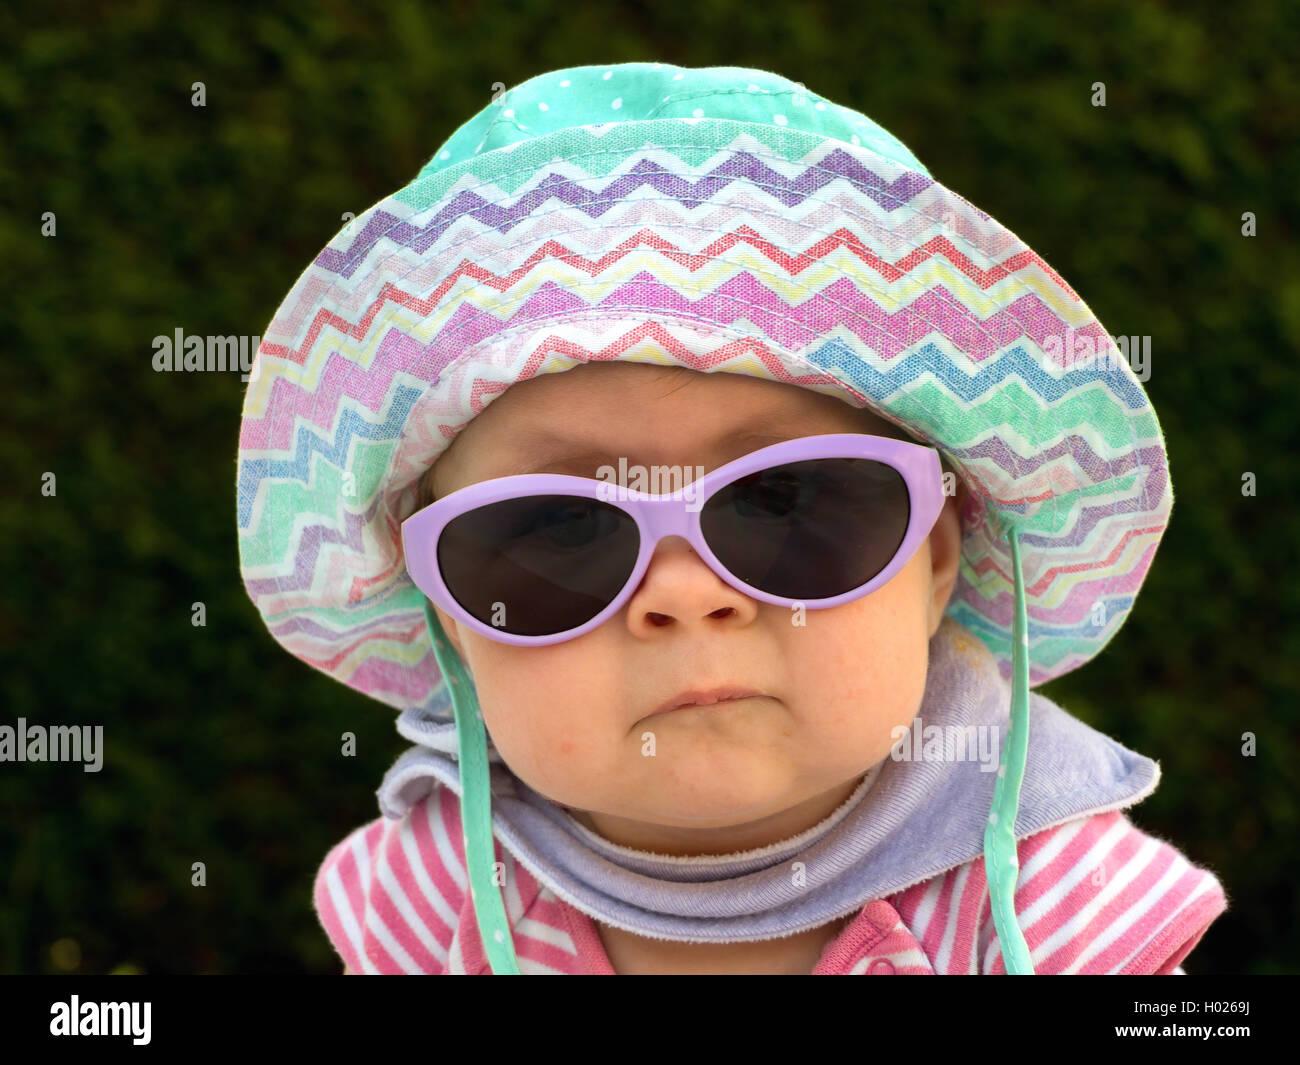 Bebe con sombrero para el sol y las gafas de sol en el calor del verano, Austria Foto de stock